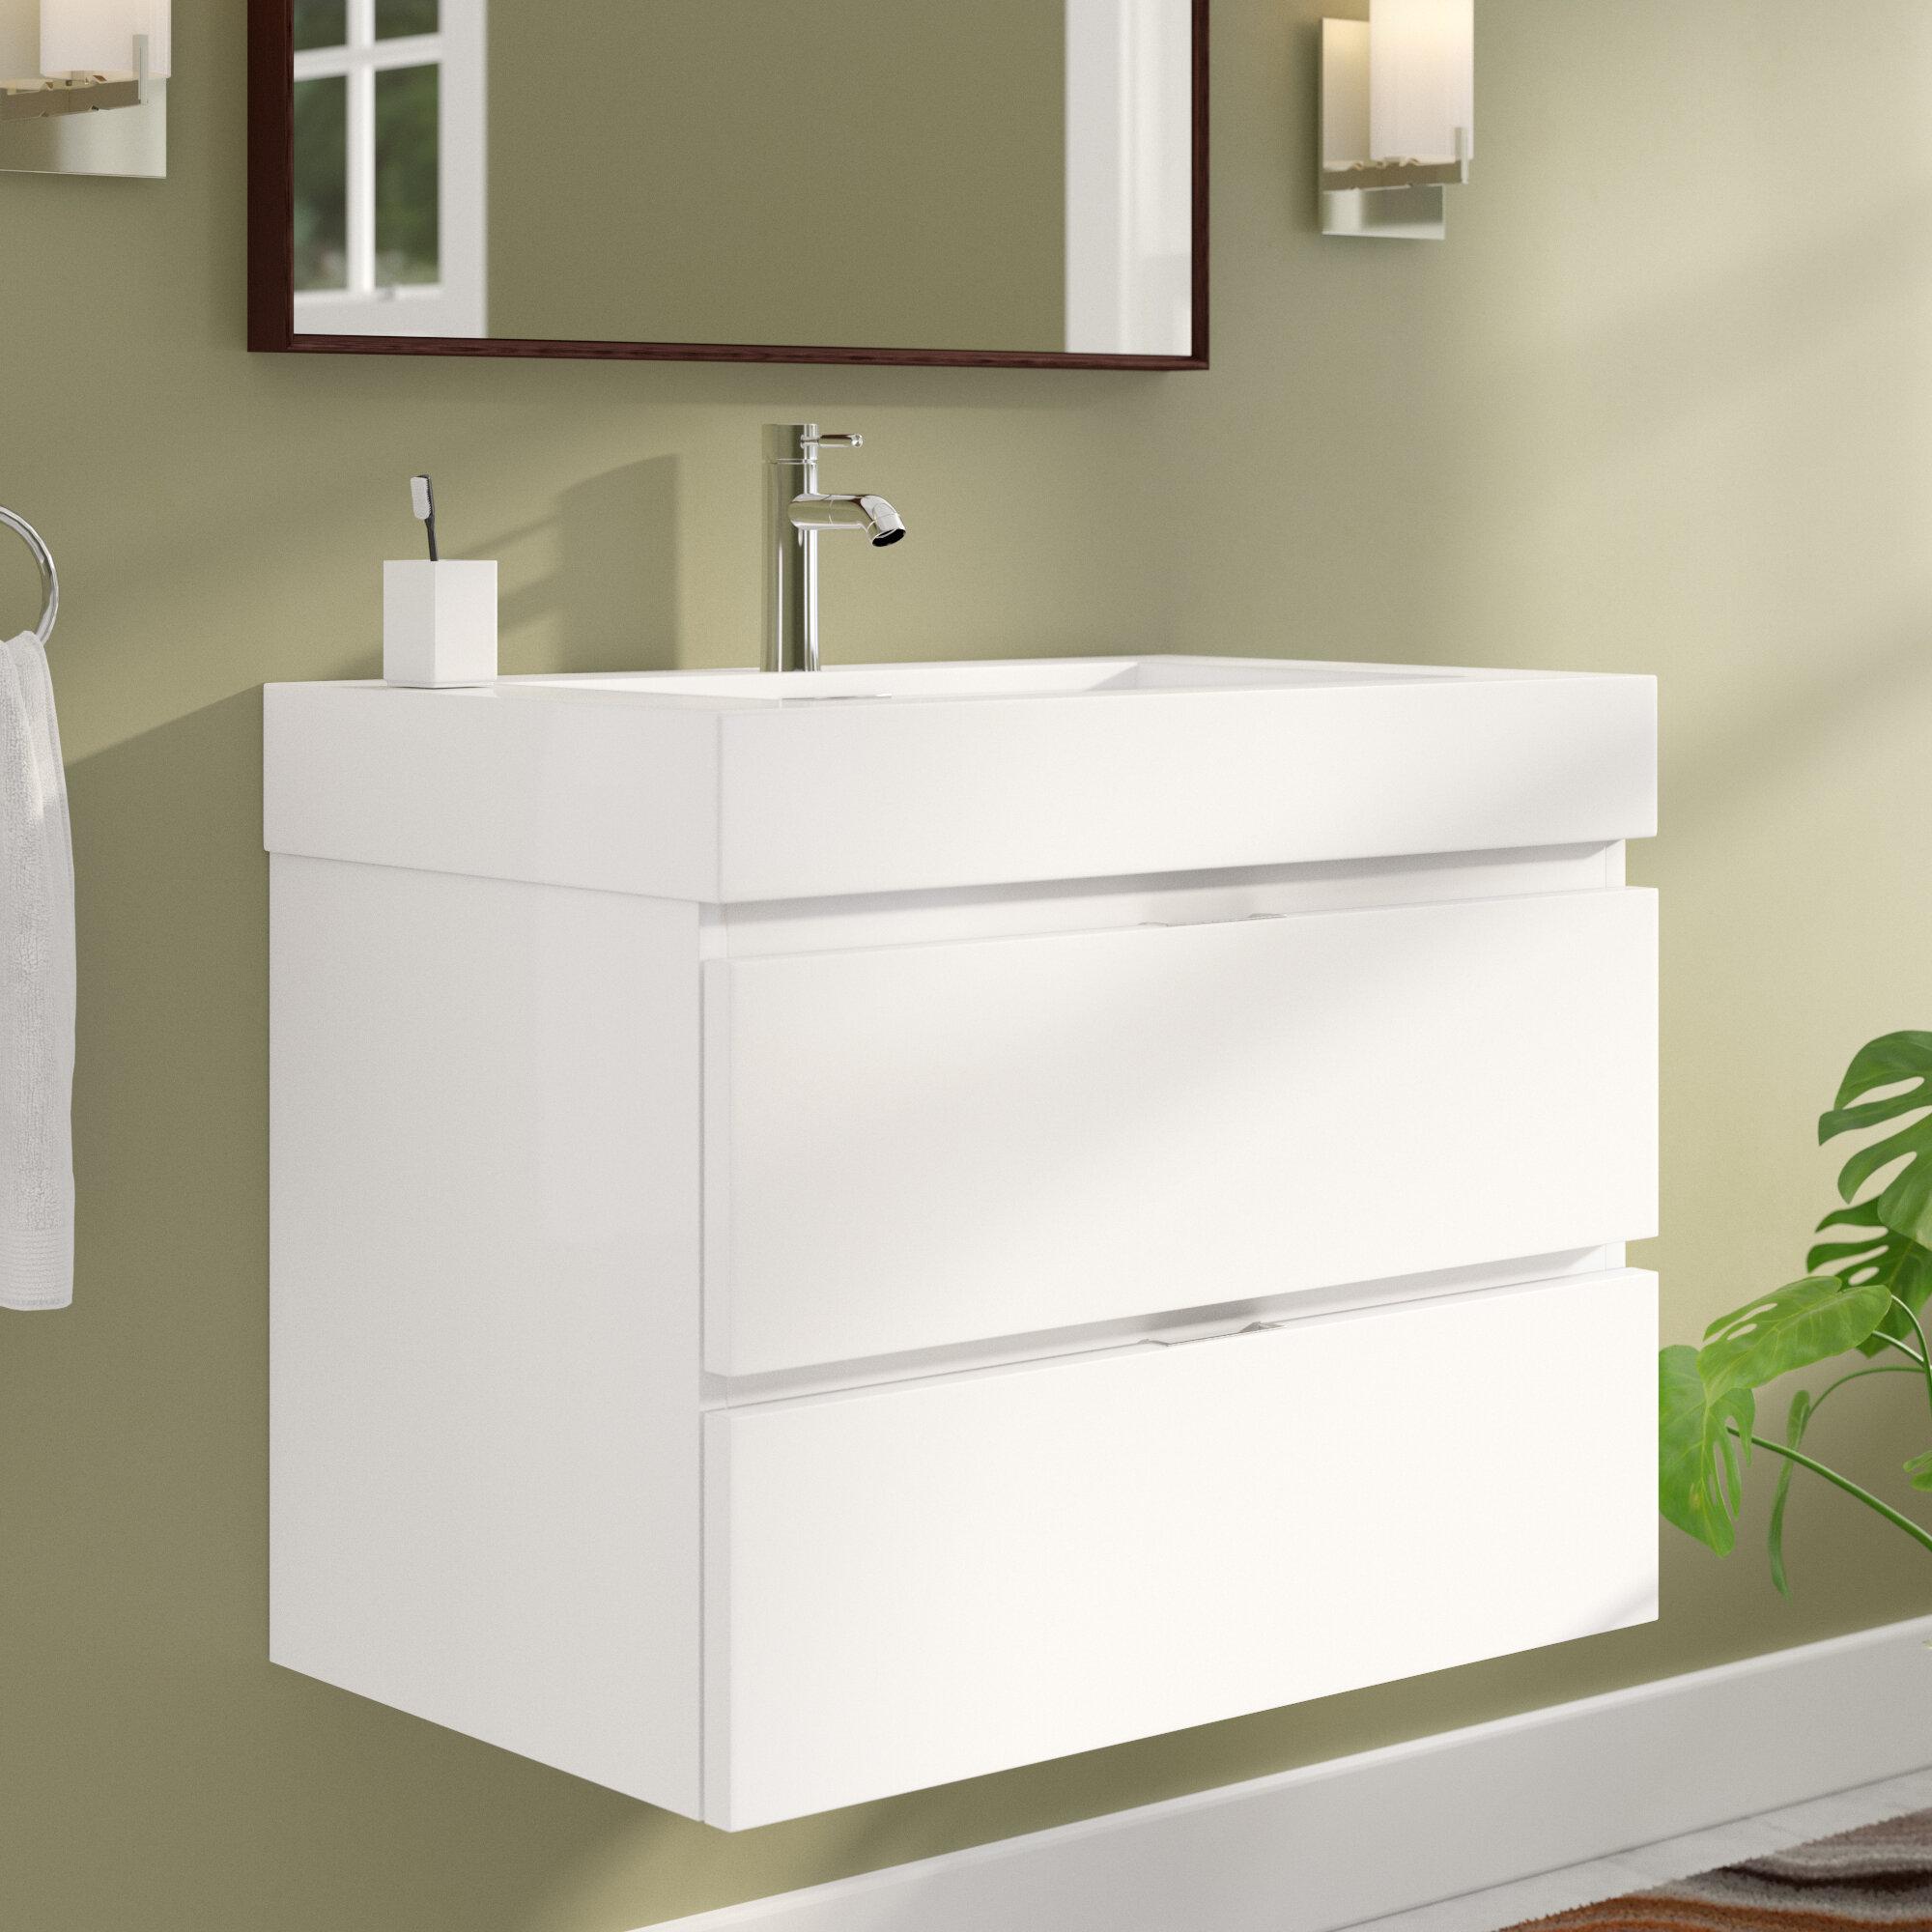 Wade Logan Tenafly 30 Single Wall Mounted Bathroom Vanity Set